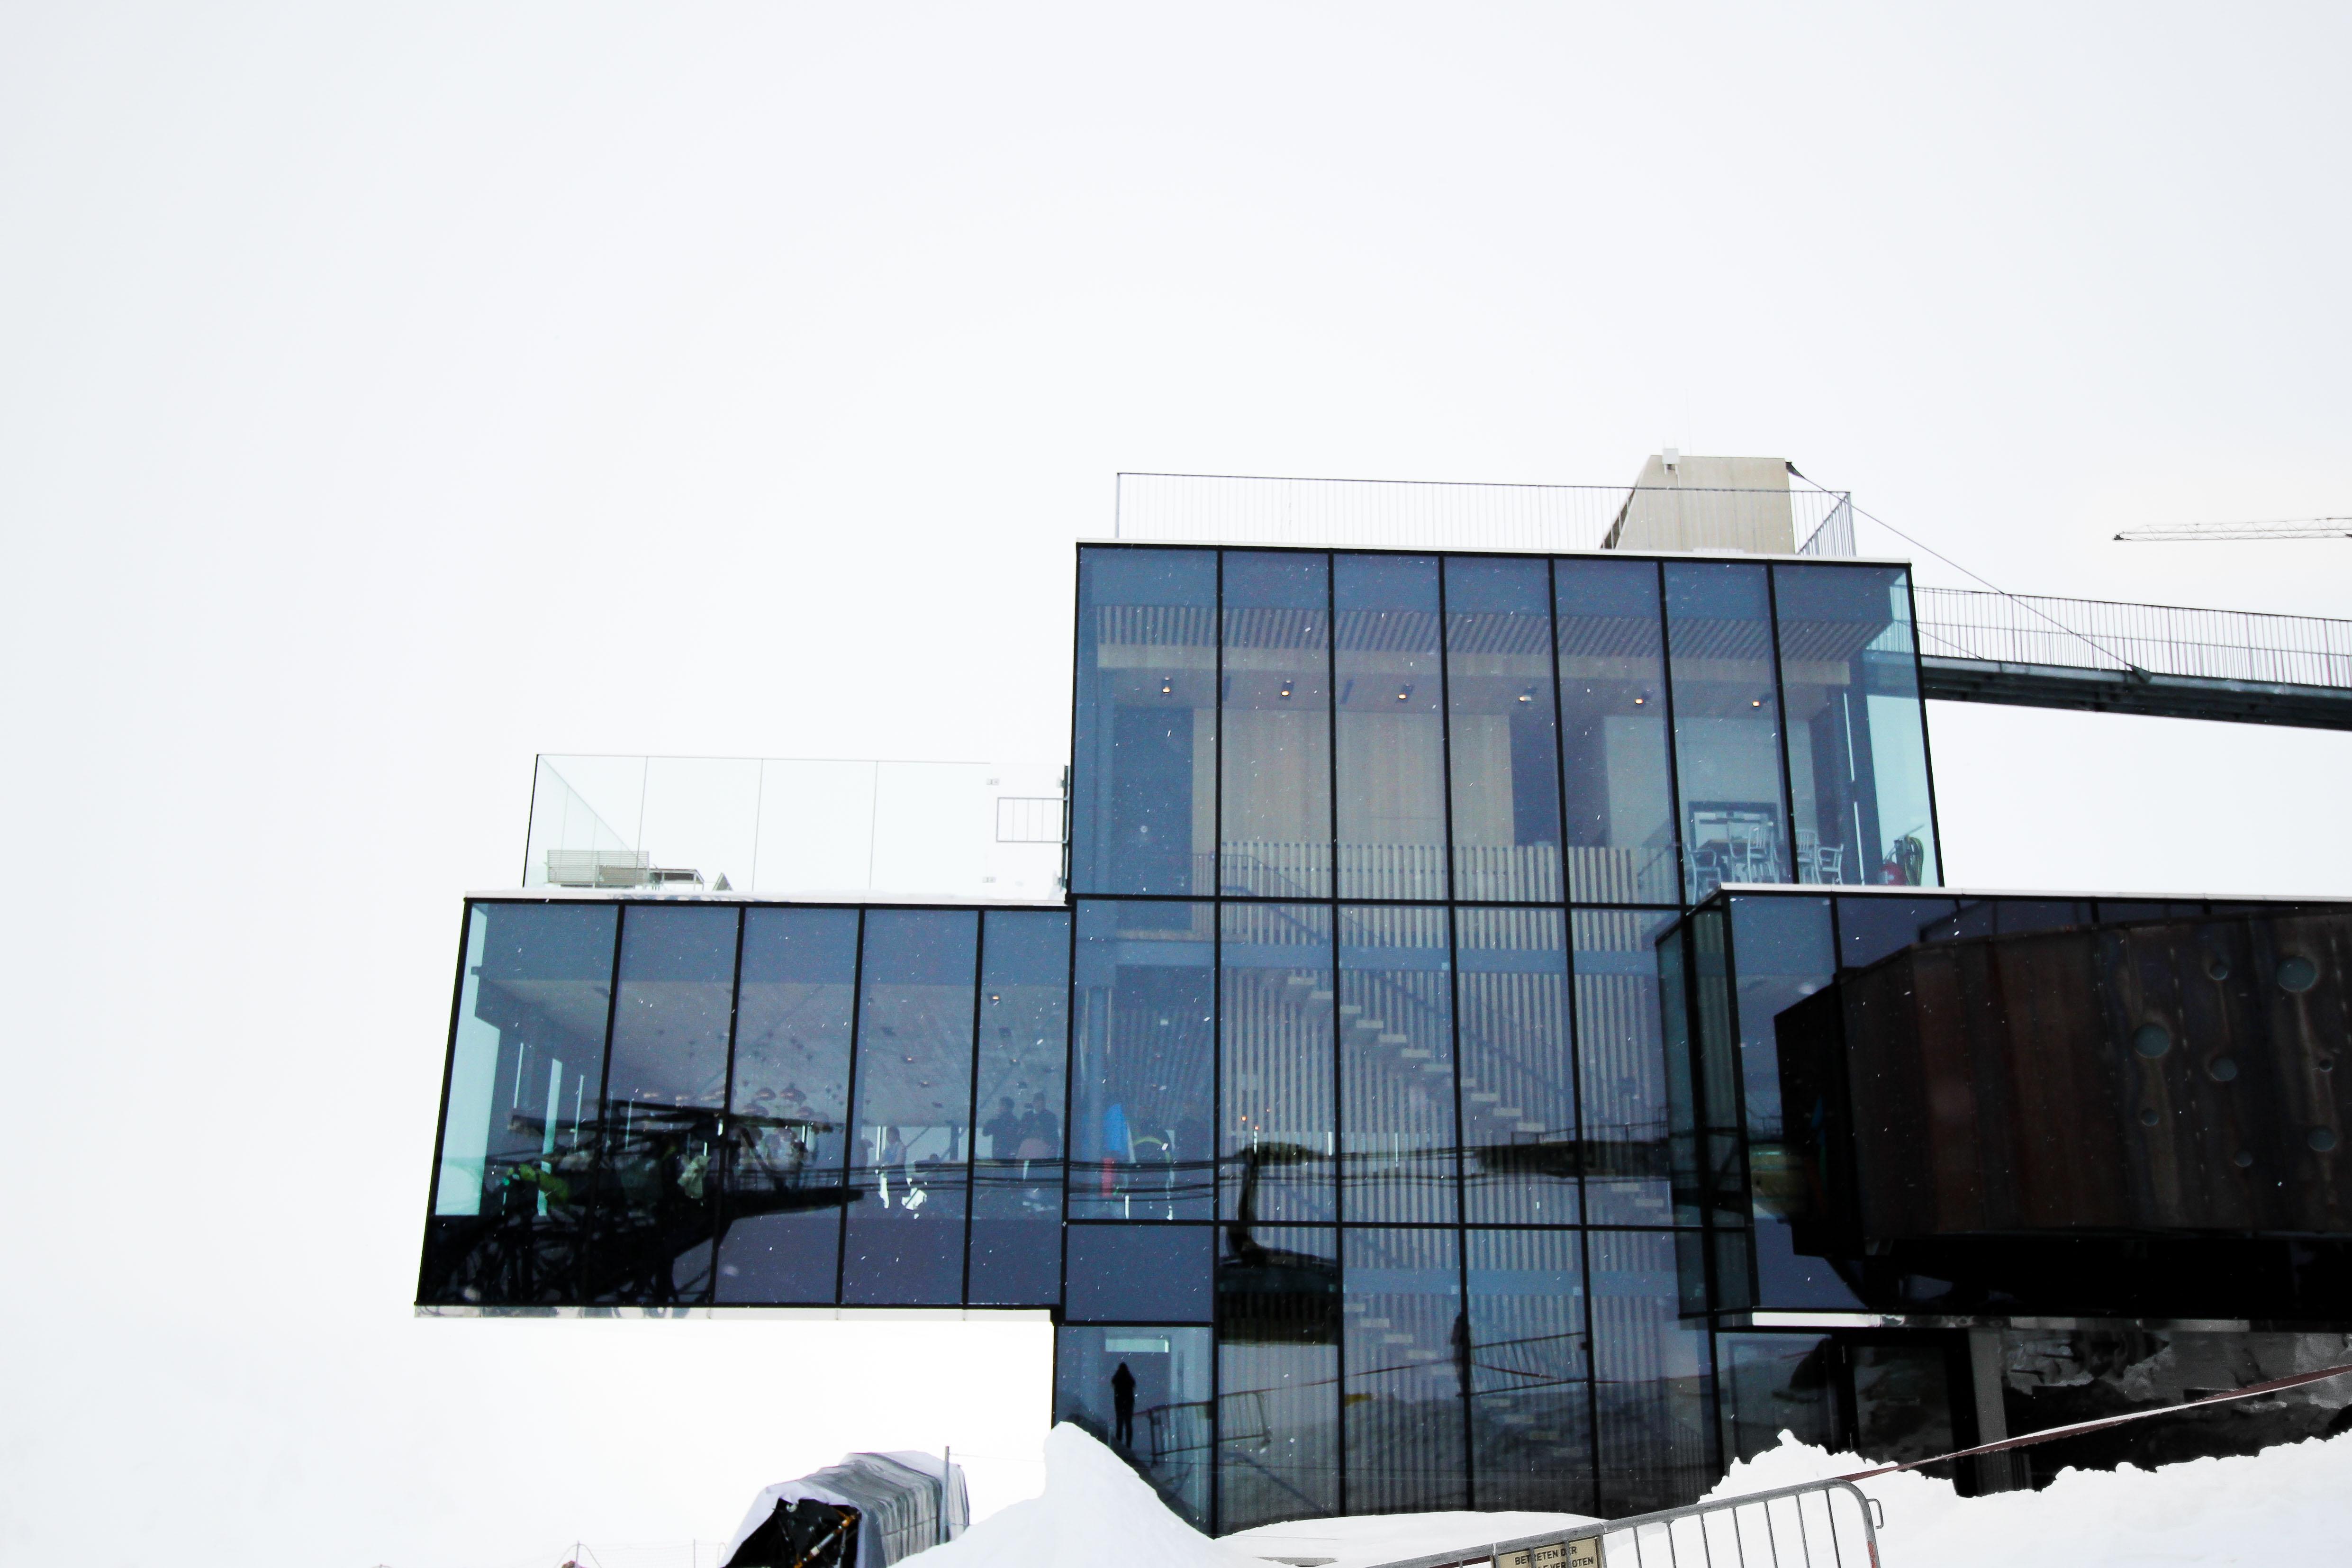 Gourmet-Restaurant iceQ Sölden Tirol Österreich James Bond Location Spectre 3000m Gaislachkogl Reiseblog 2